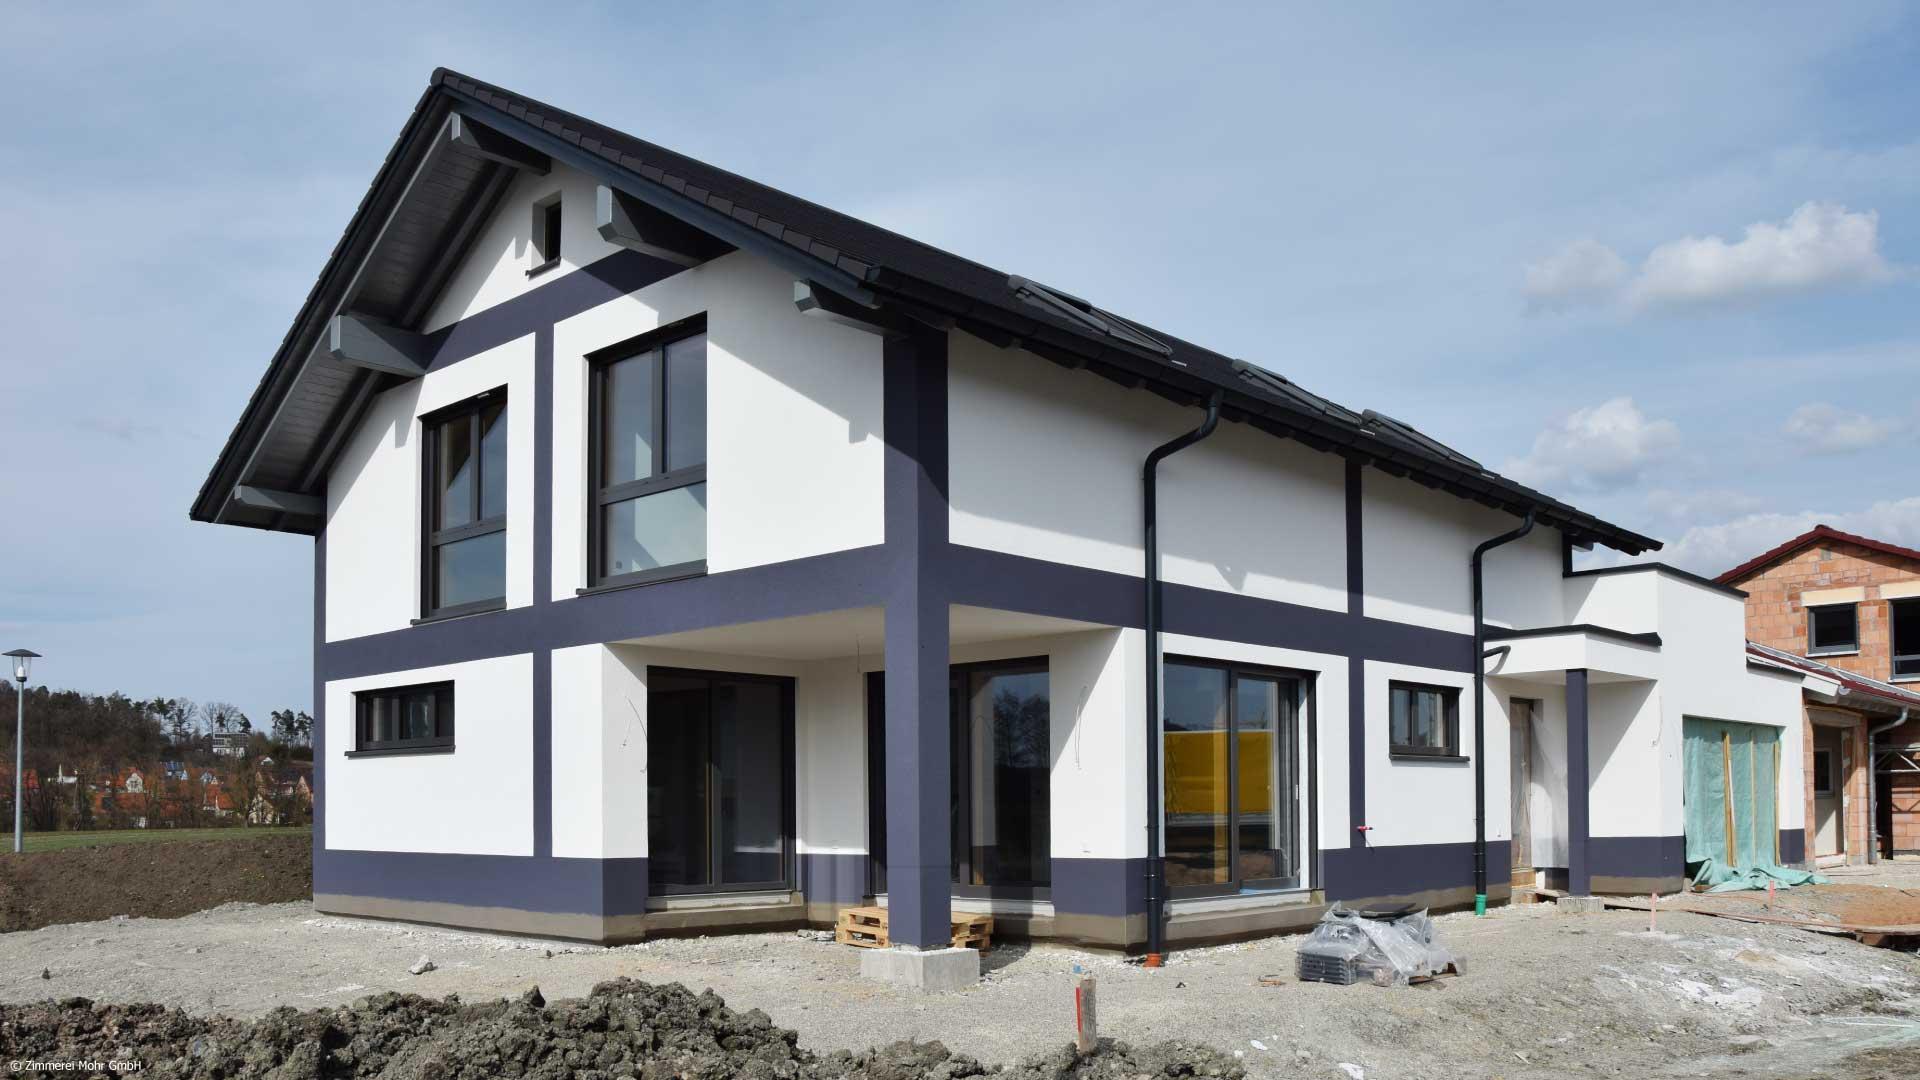 Familienhaus DESIGN – Neubau Holzhaus mit Putzfassade im Fachwerk Look